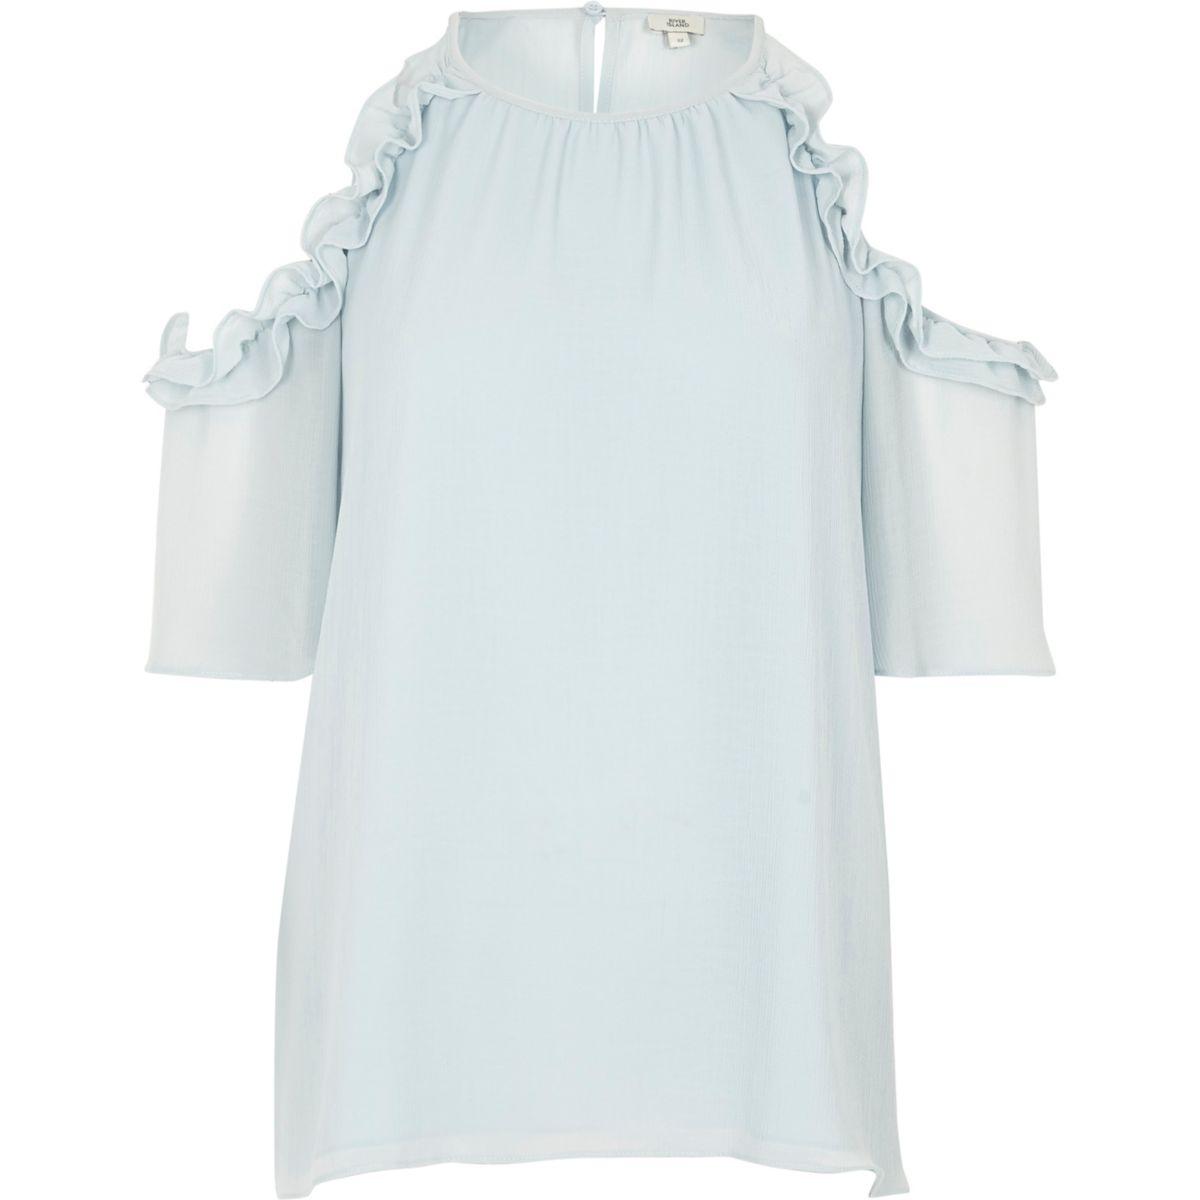 Hellblaue Bluse mit Schulterausschnitten